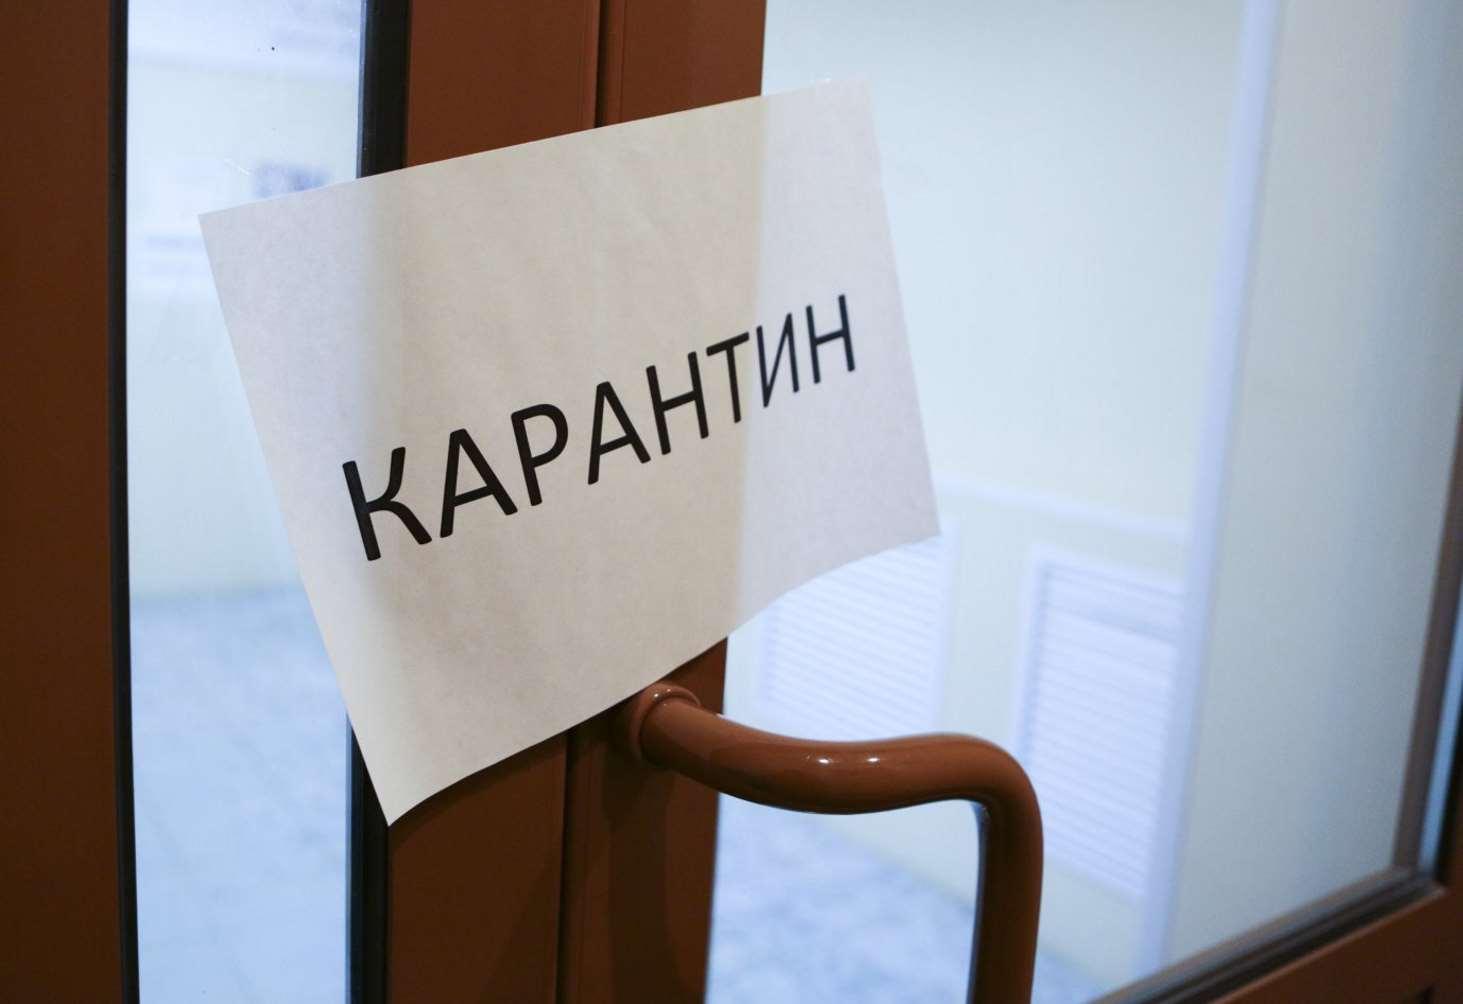 rossijskie-shkoly-i-kolledzhi-ne-budut-rabotat-na-sleduyushhej-nedele